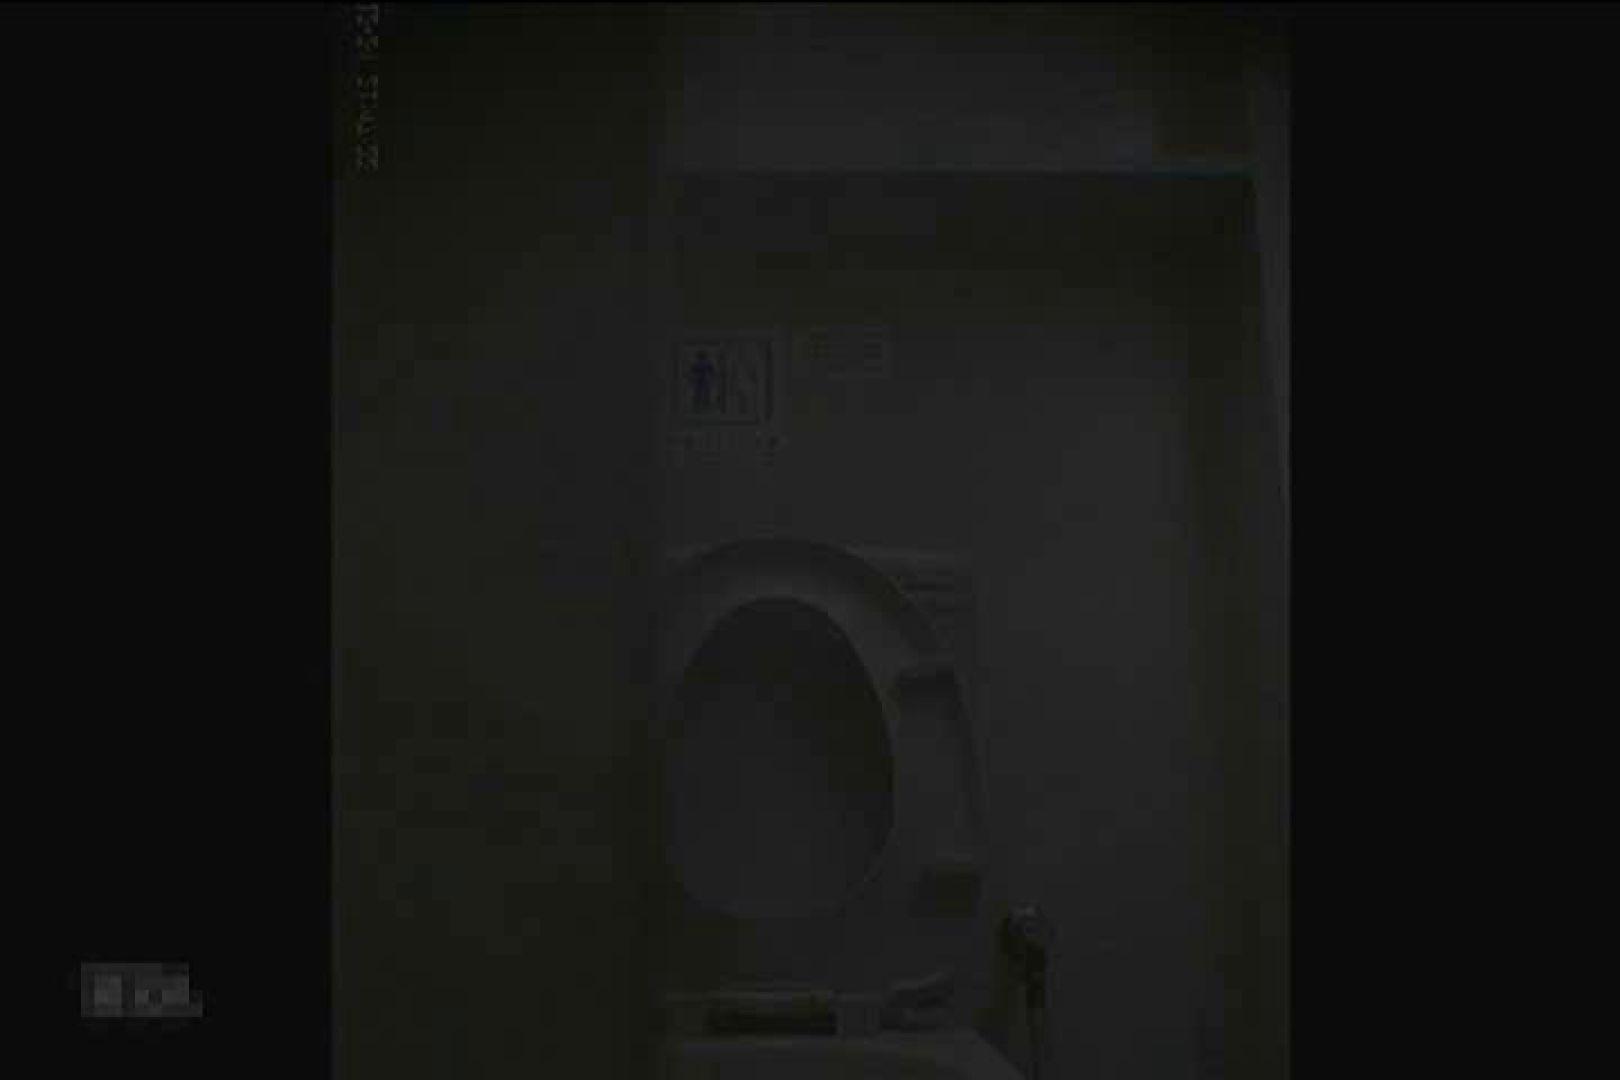 洋式洗面所オムニバスvol.6 おまんこ無修正 | OLの実態  97pic 49